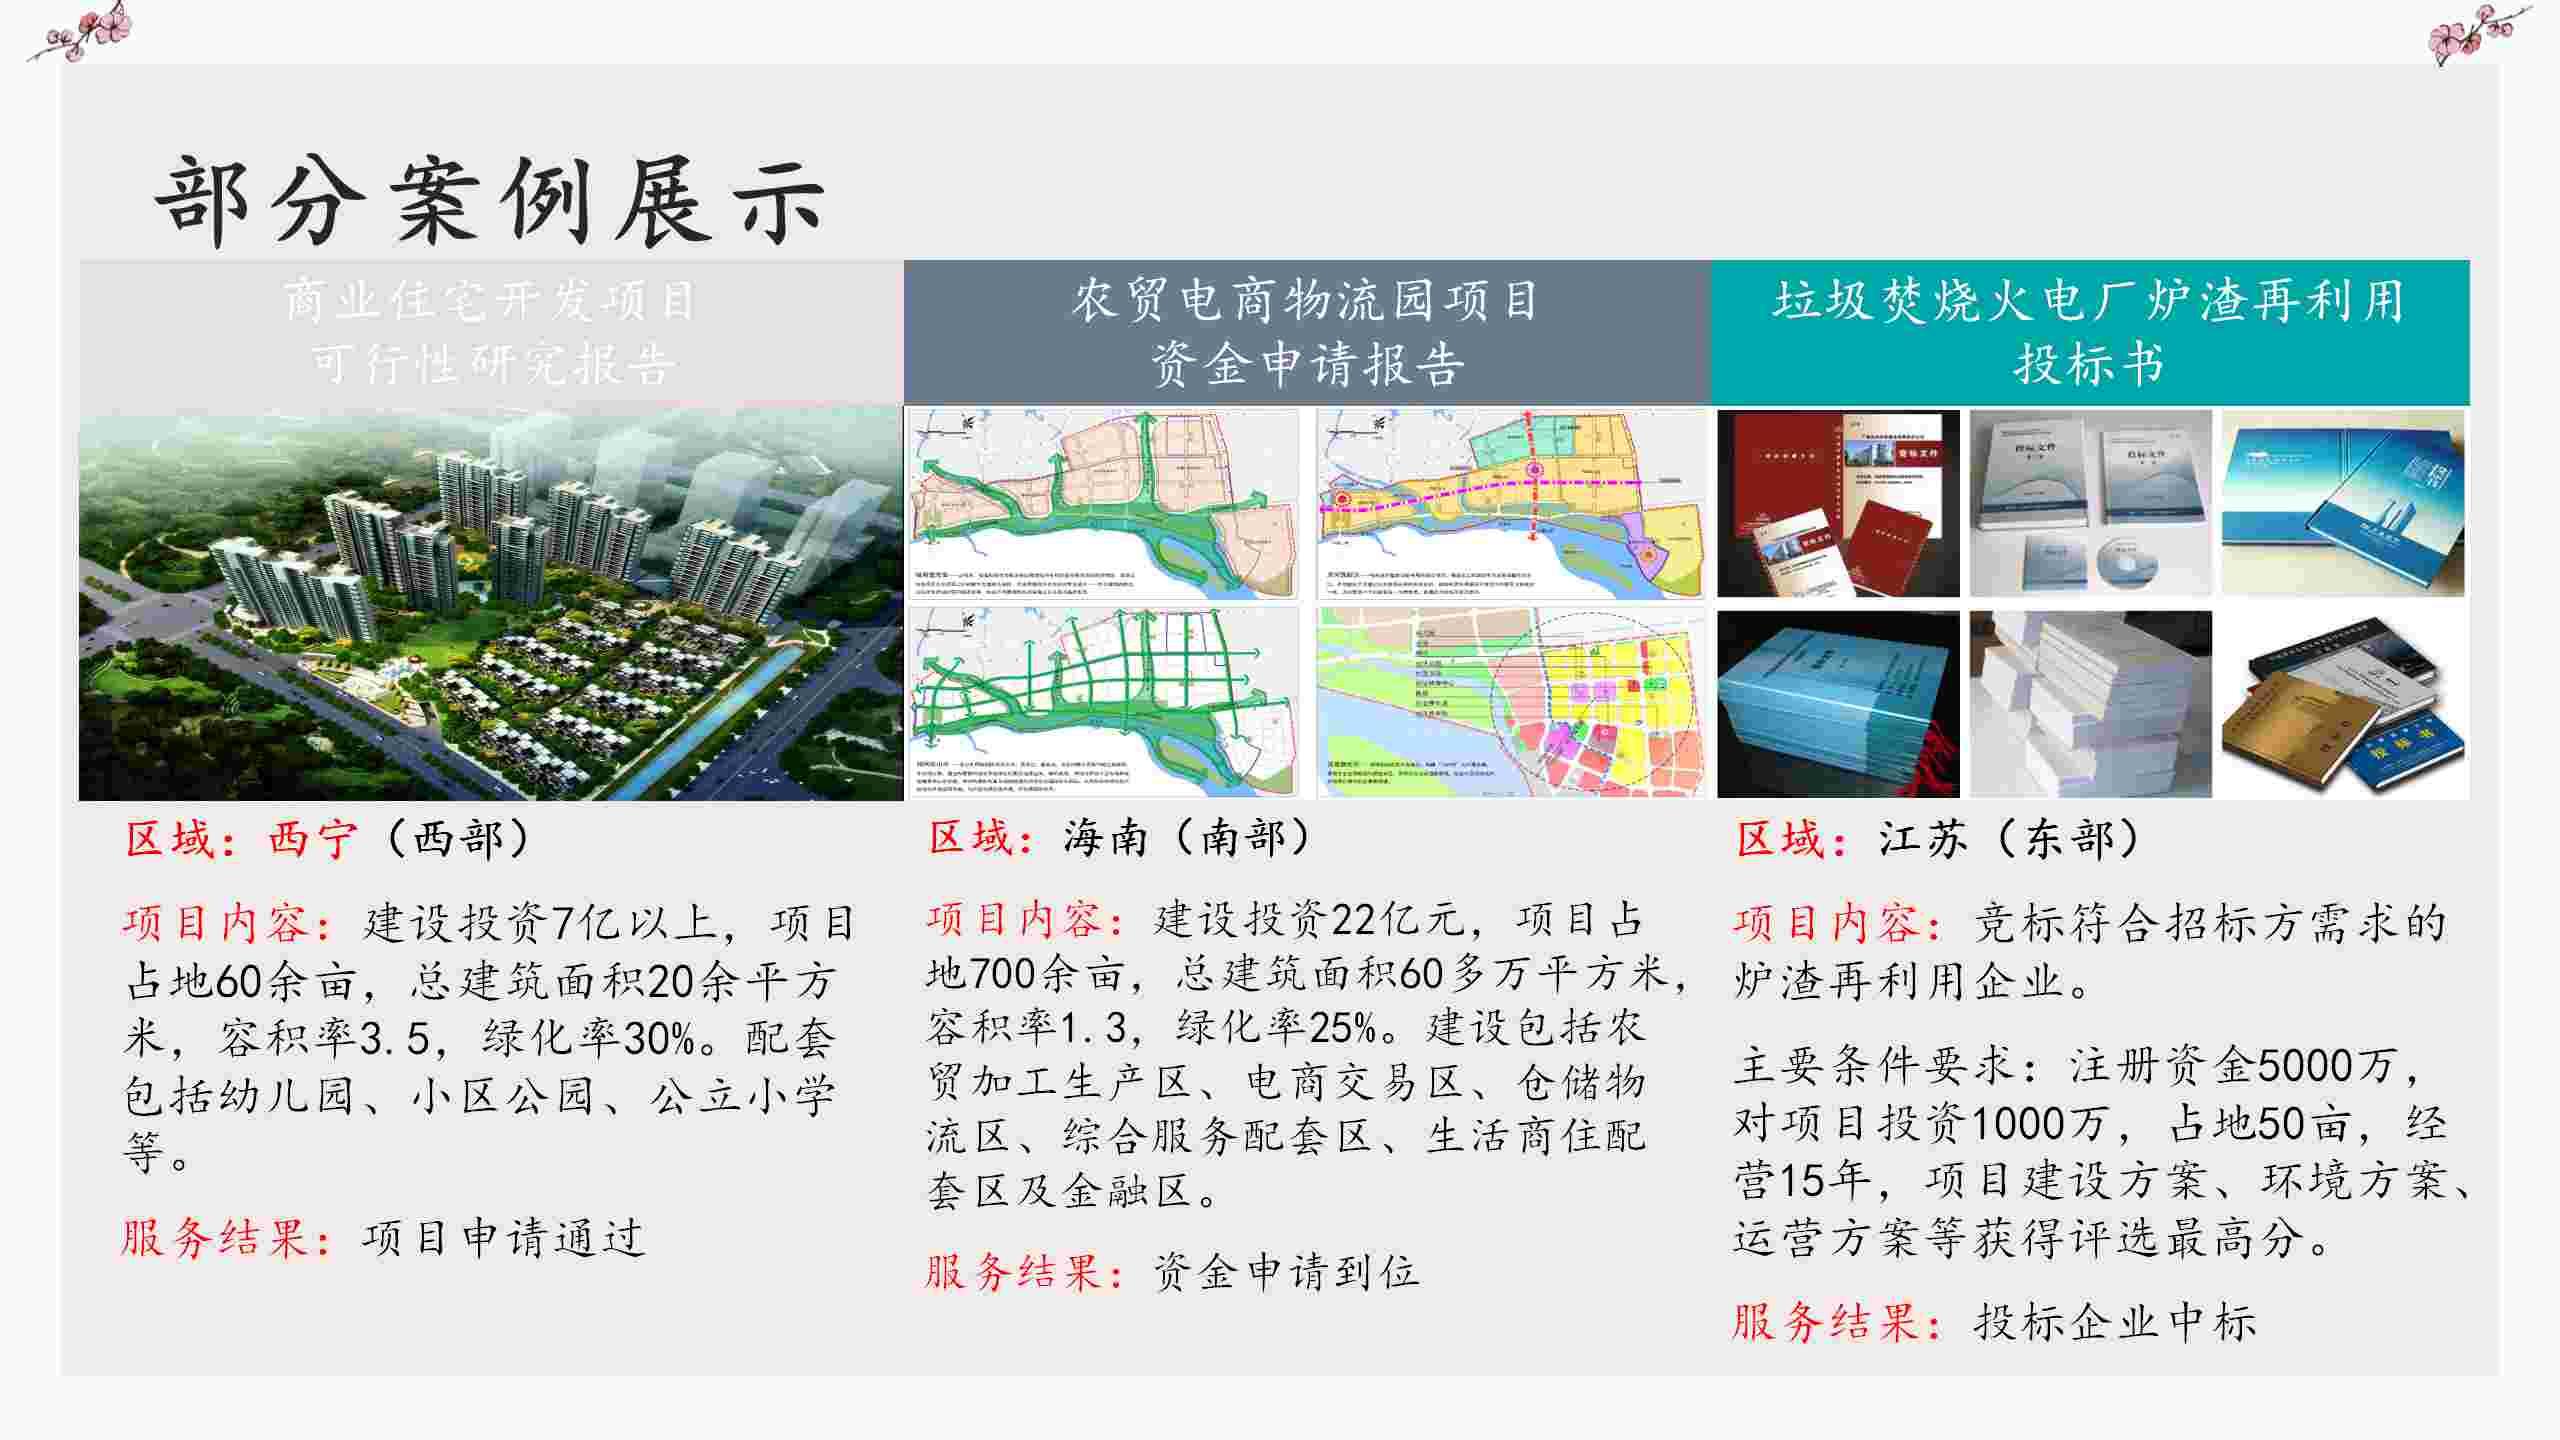 凤泉可行性分析报告写的企业(建议书单位)